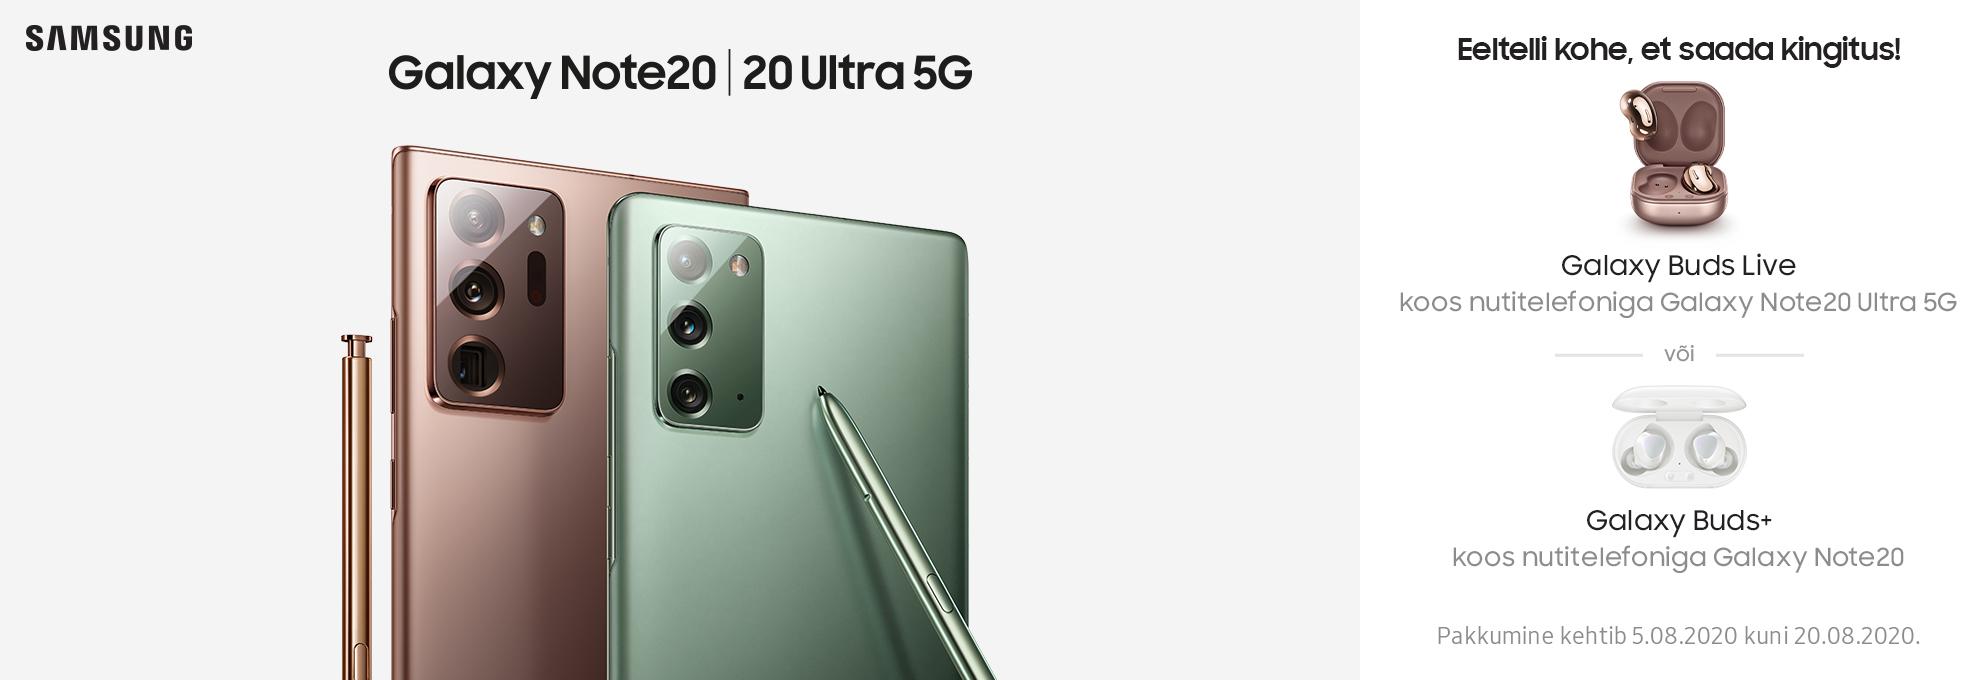 PL  Eeltelli Samsung Galaxy Note20 või Note20 Ultra 5G ja saa kingiks Samsungi juhtmevabad kõrvaklapid